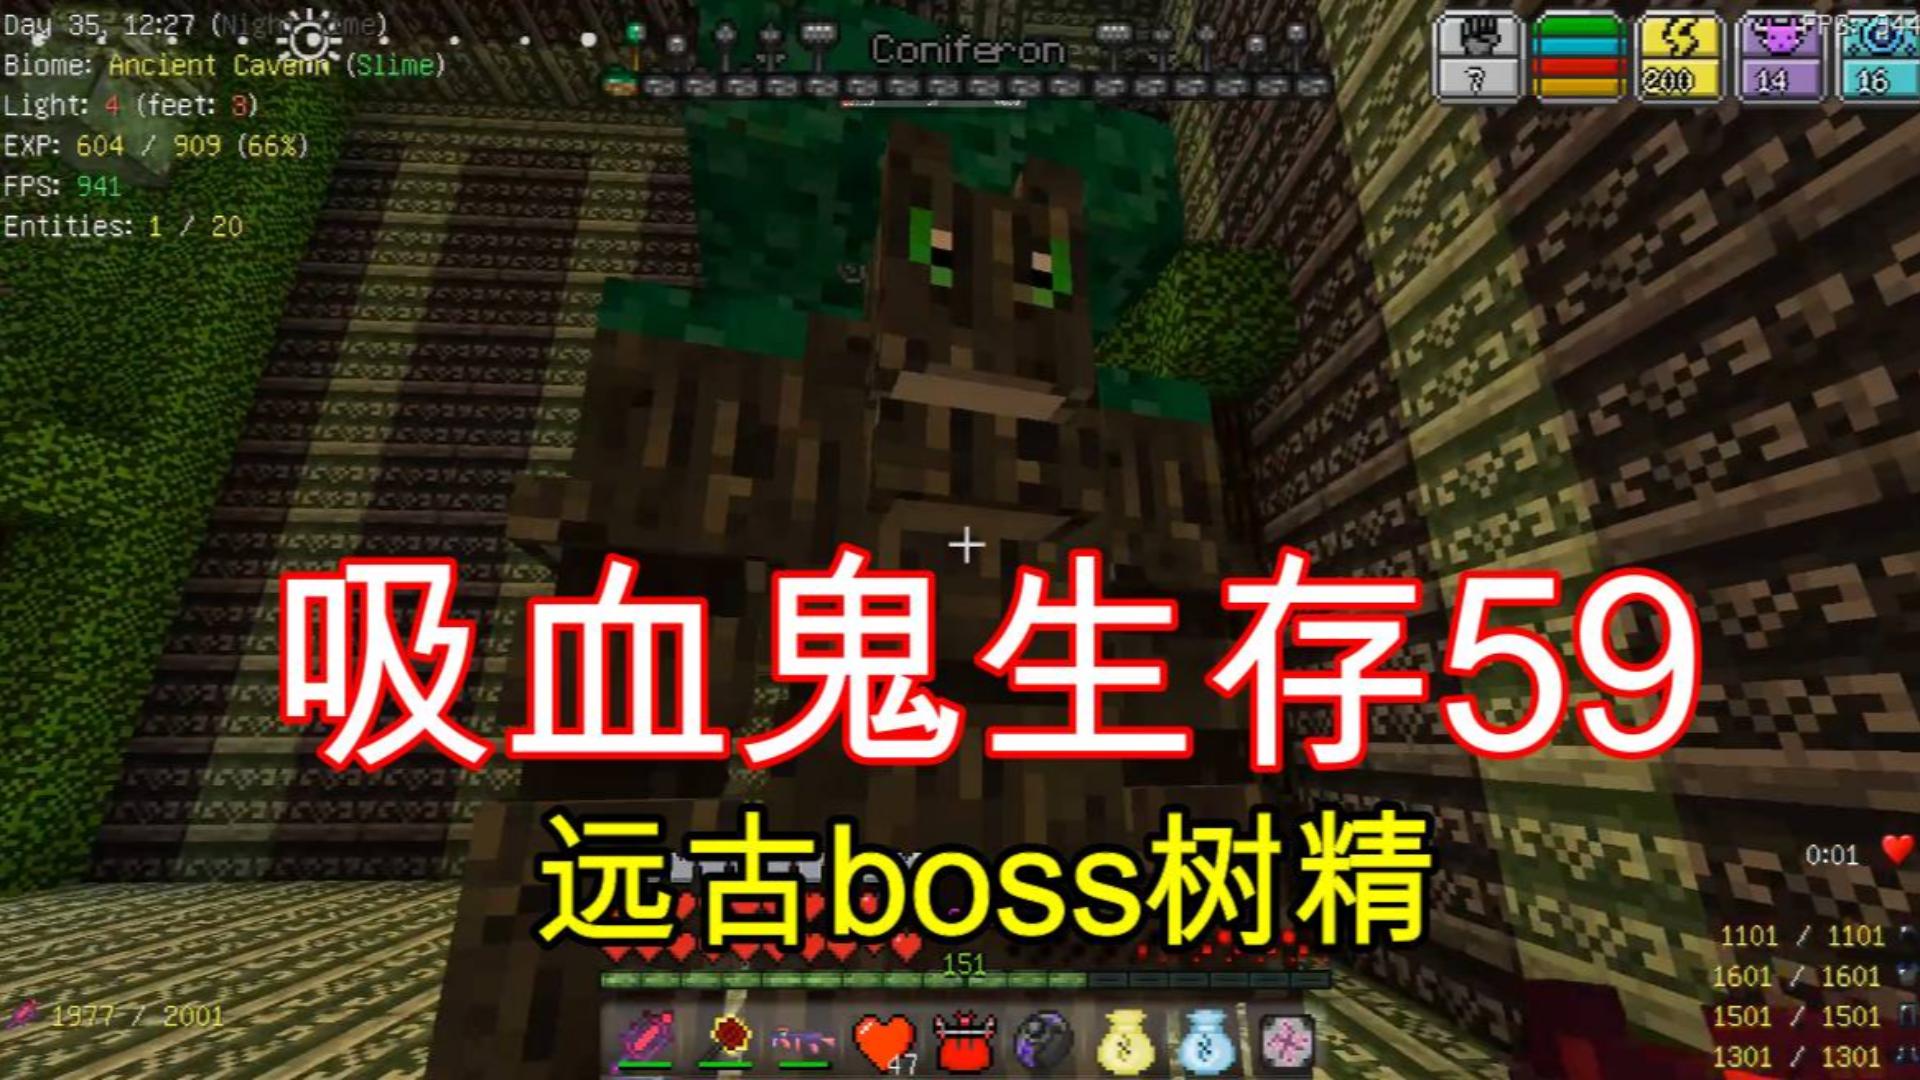 【我的世界吸血鬼生存59】击败最后一个boss会迎来怎样的任务呢?